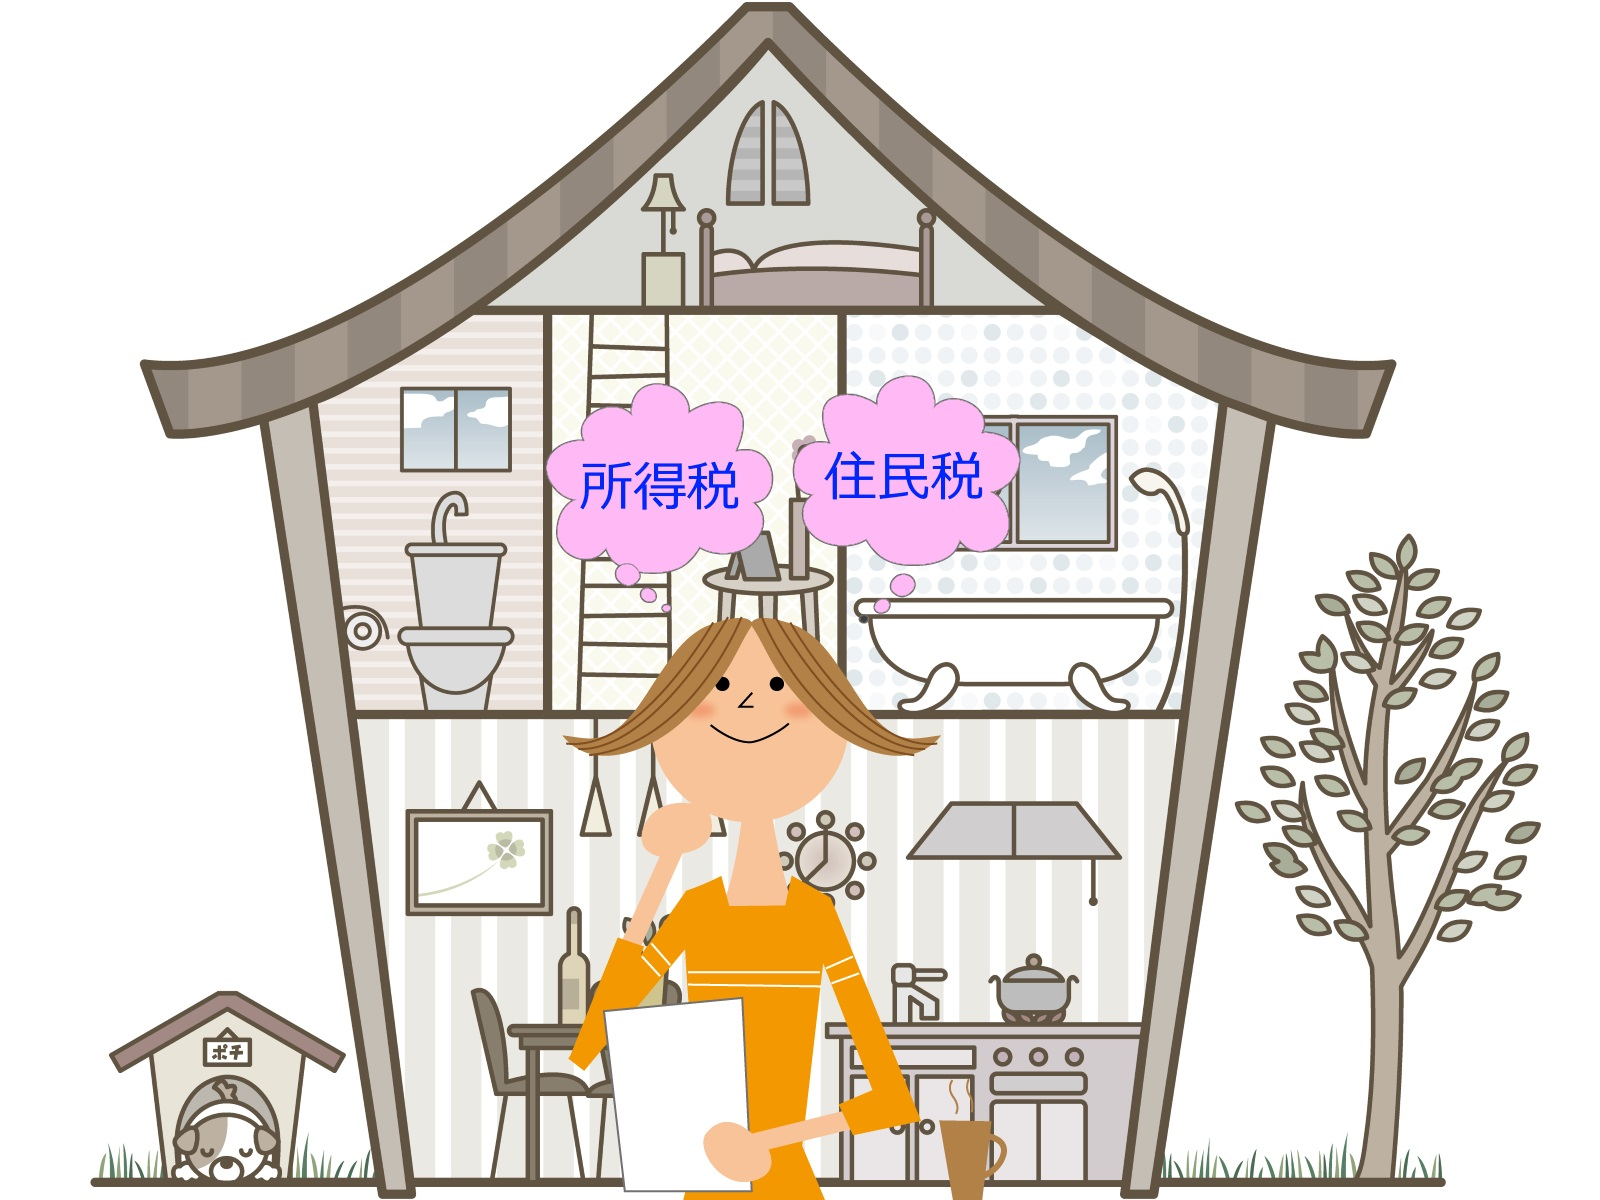 住宅の前で住民税と所得税を考えている女性のイラスト